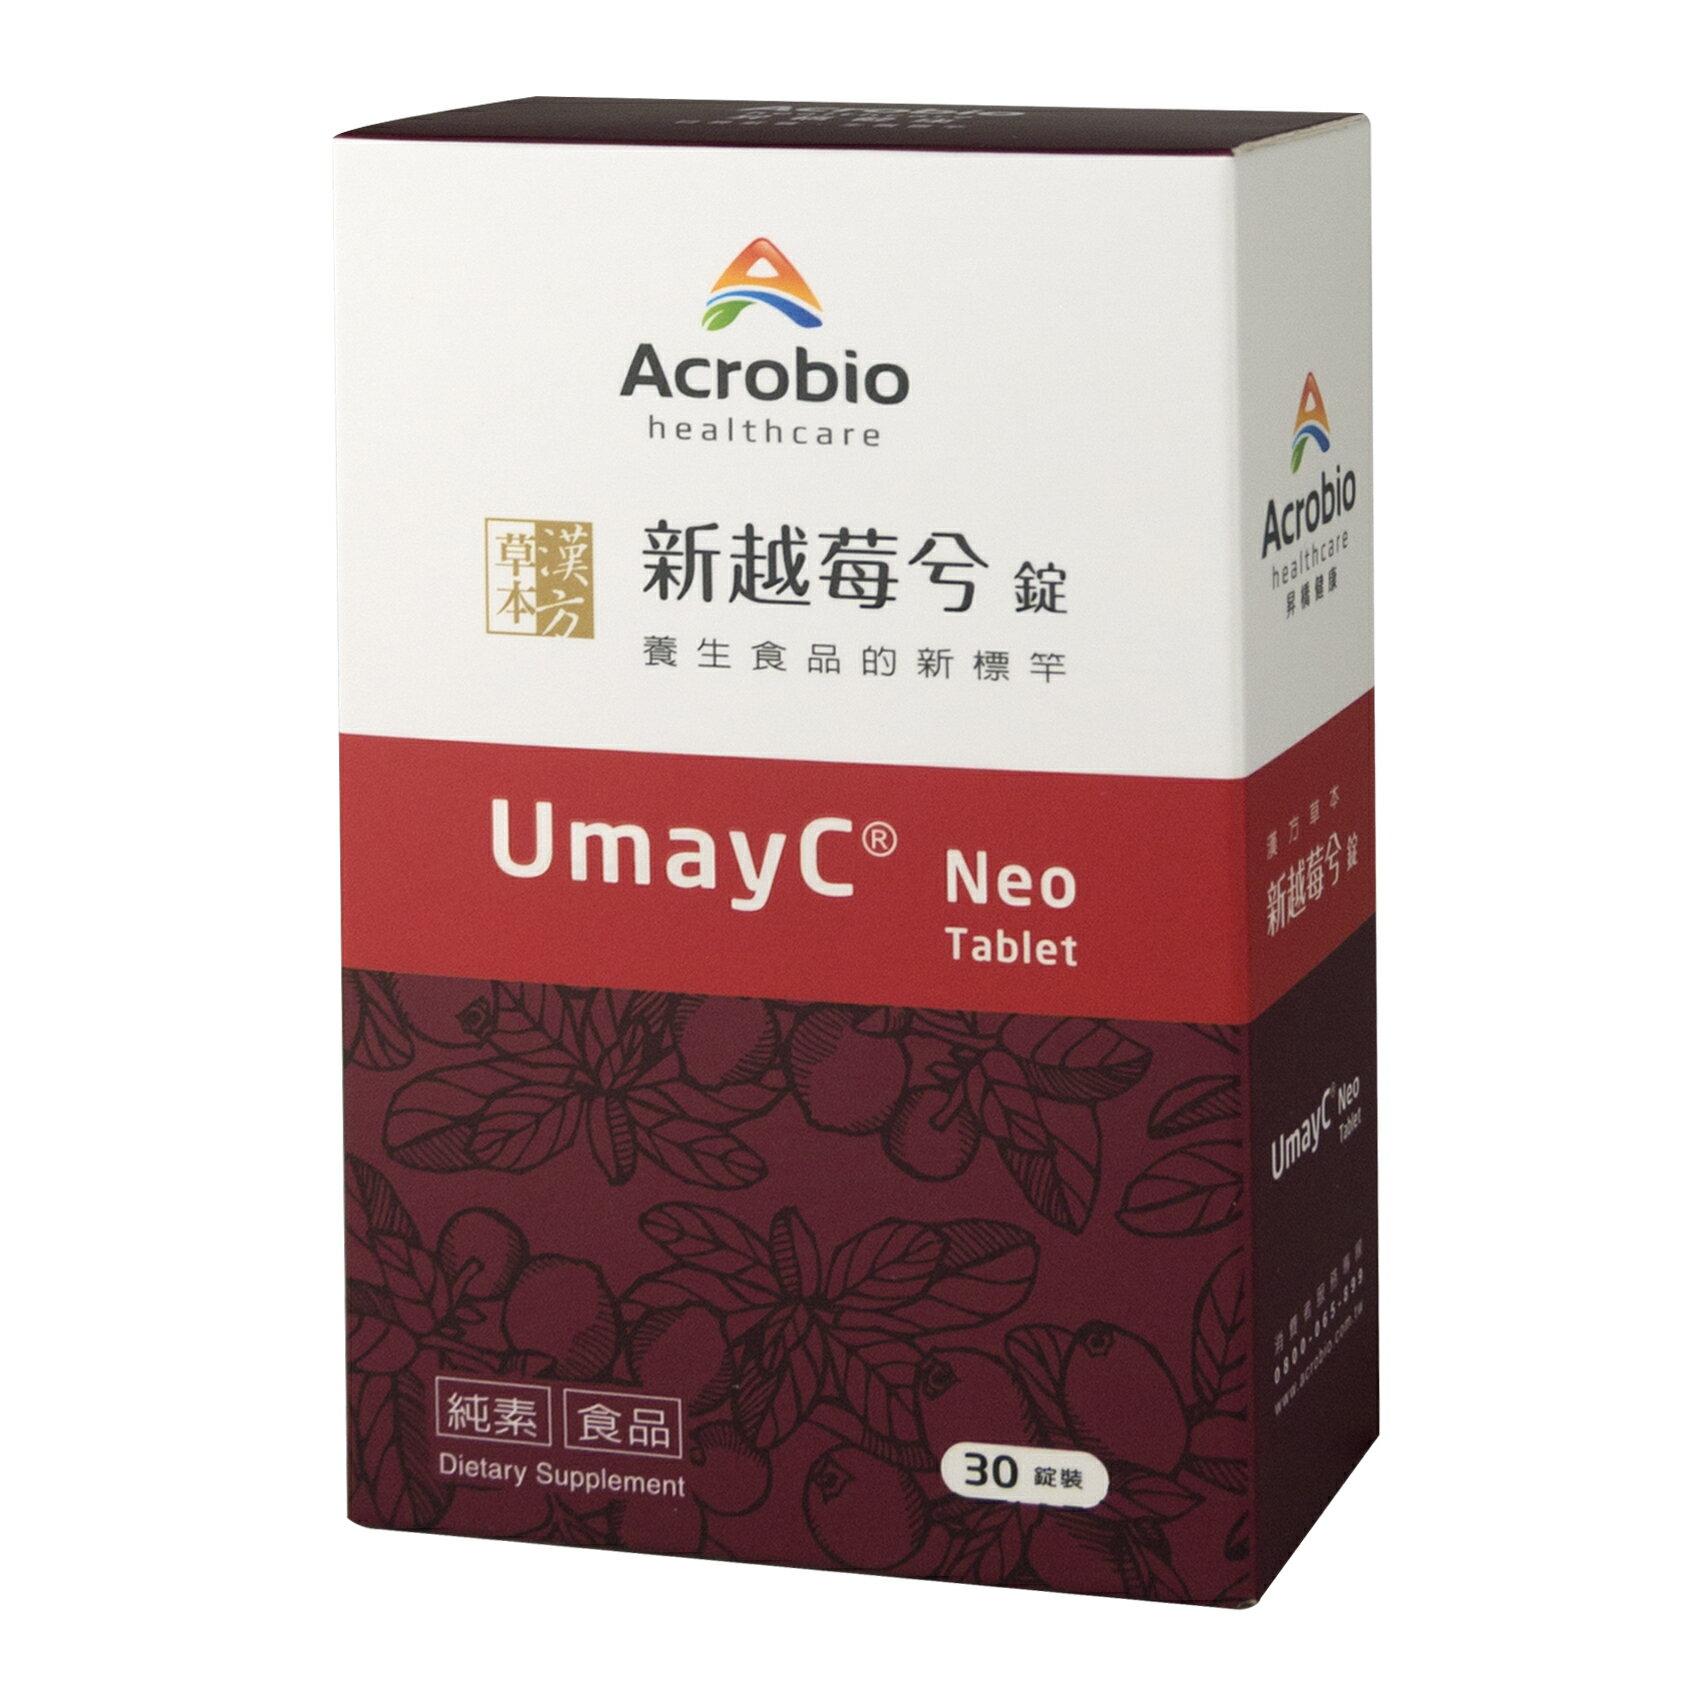 【昇橋】UmayC Neo 新越莓兮錠-30錠